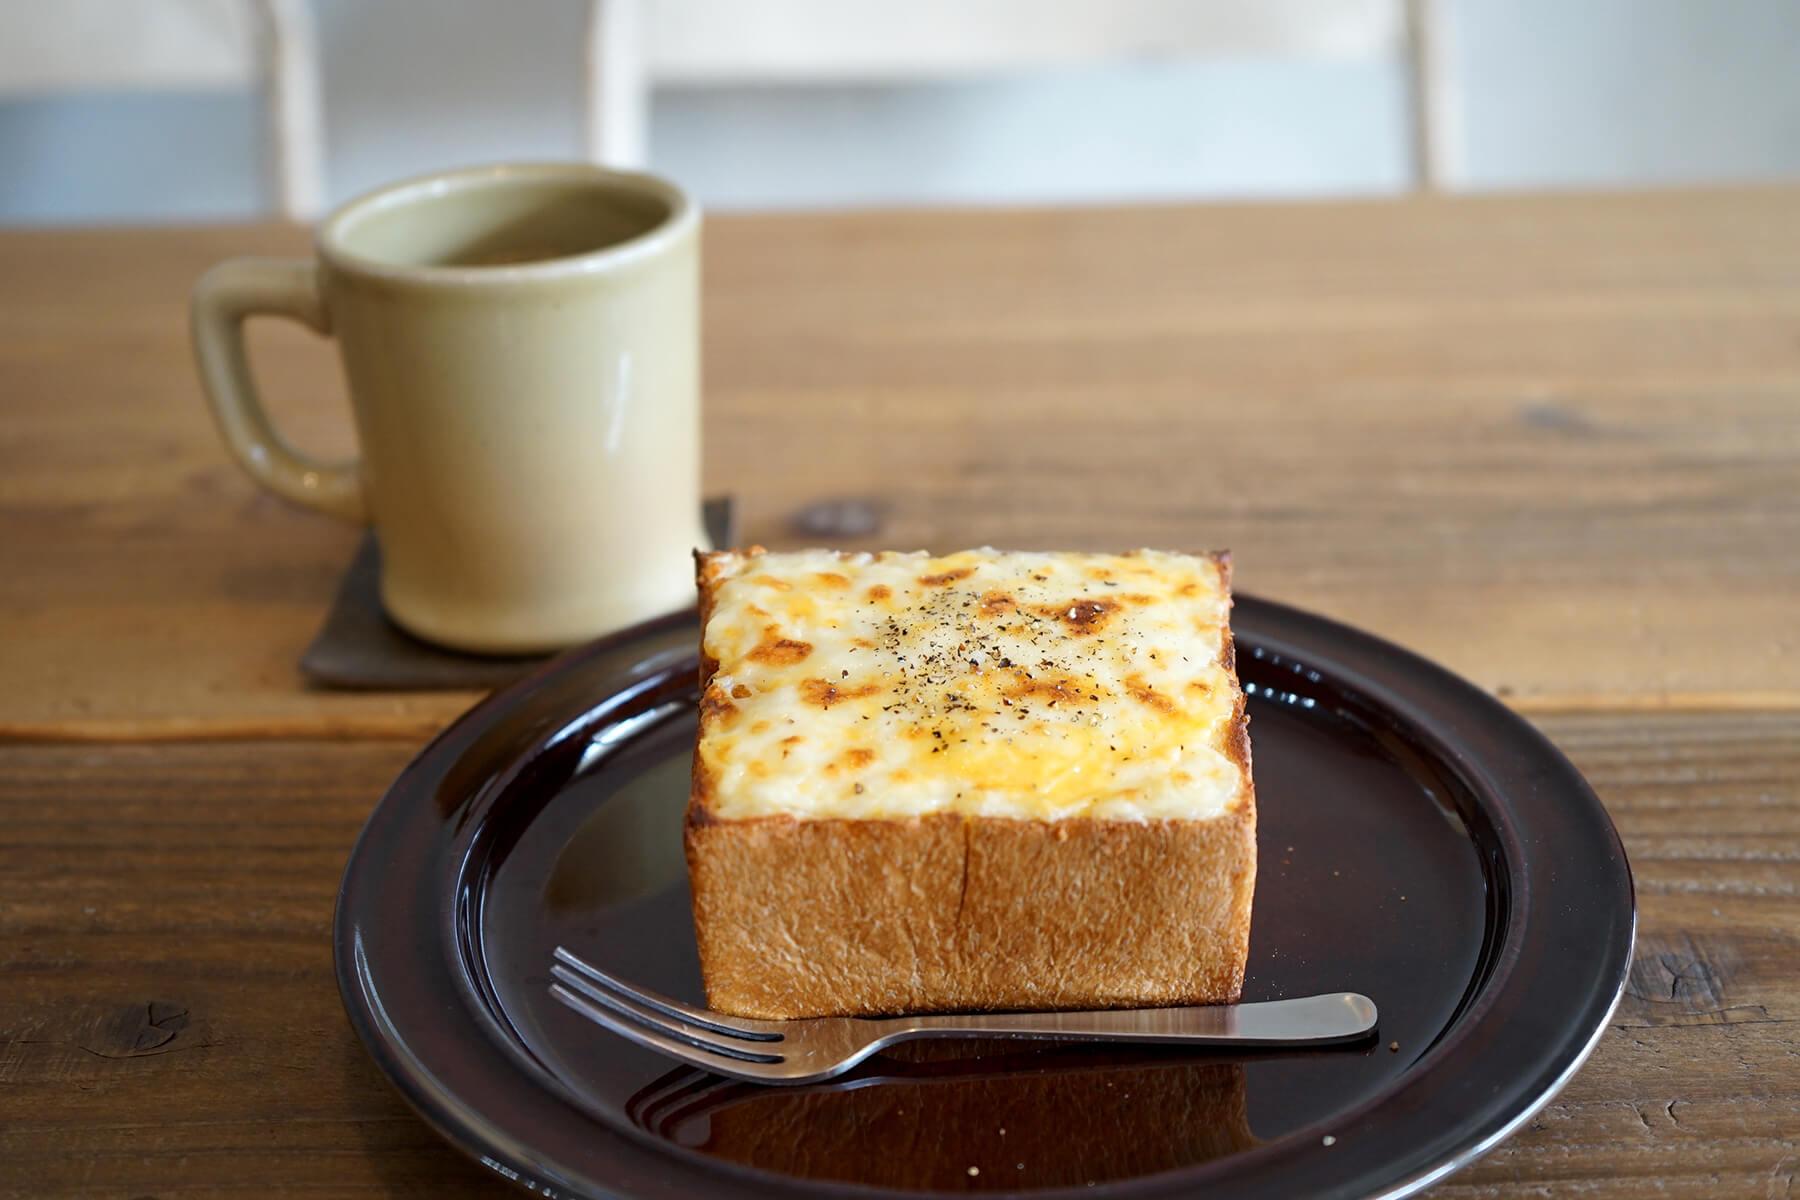 この頃メニュー入りした自家製パンにホワイトソースと3種のチーズをのせた「チーズトースト」530円(税込)は今一番人気に。